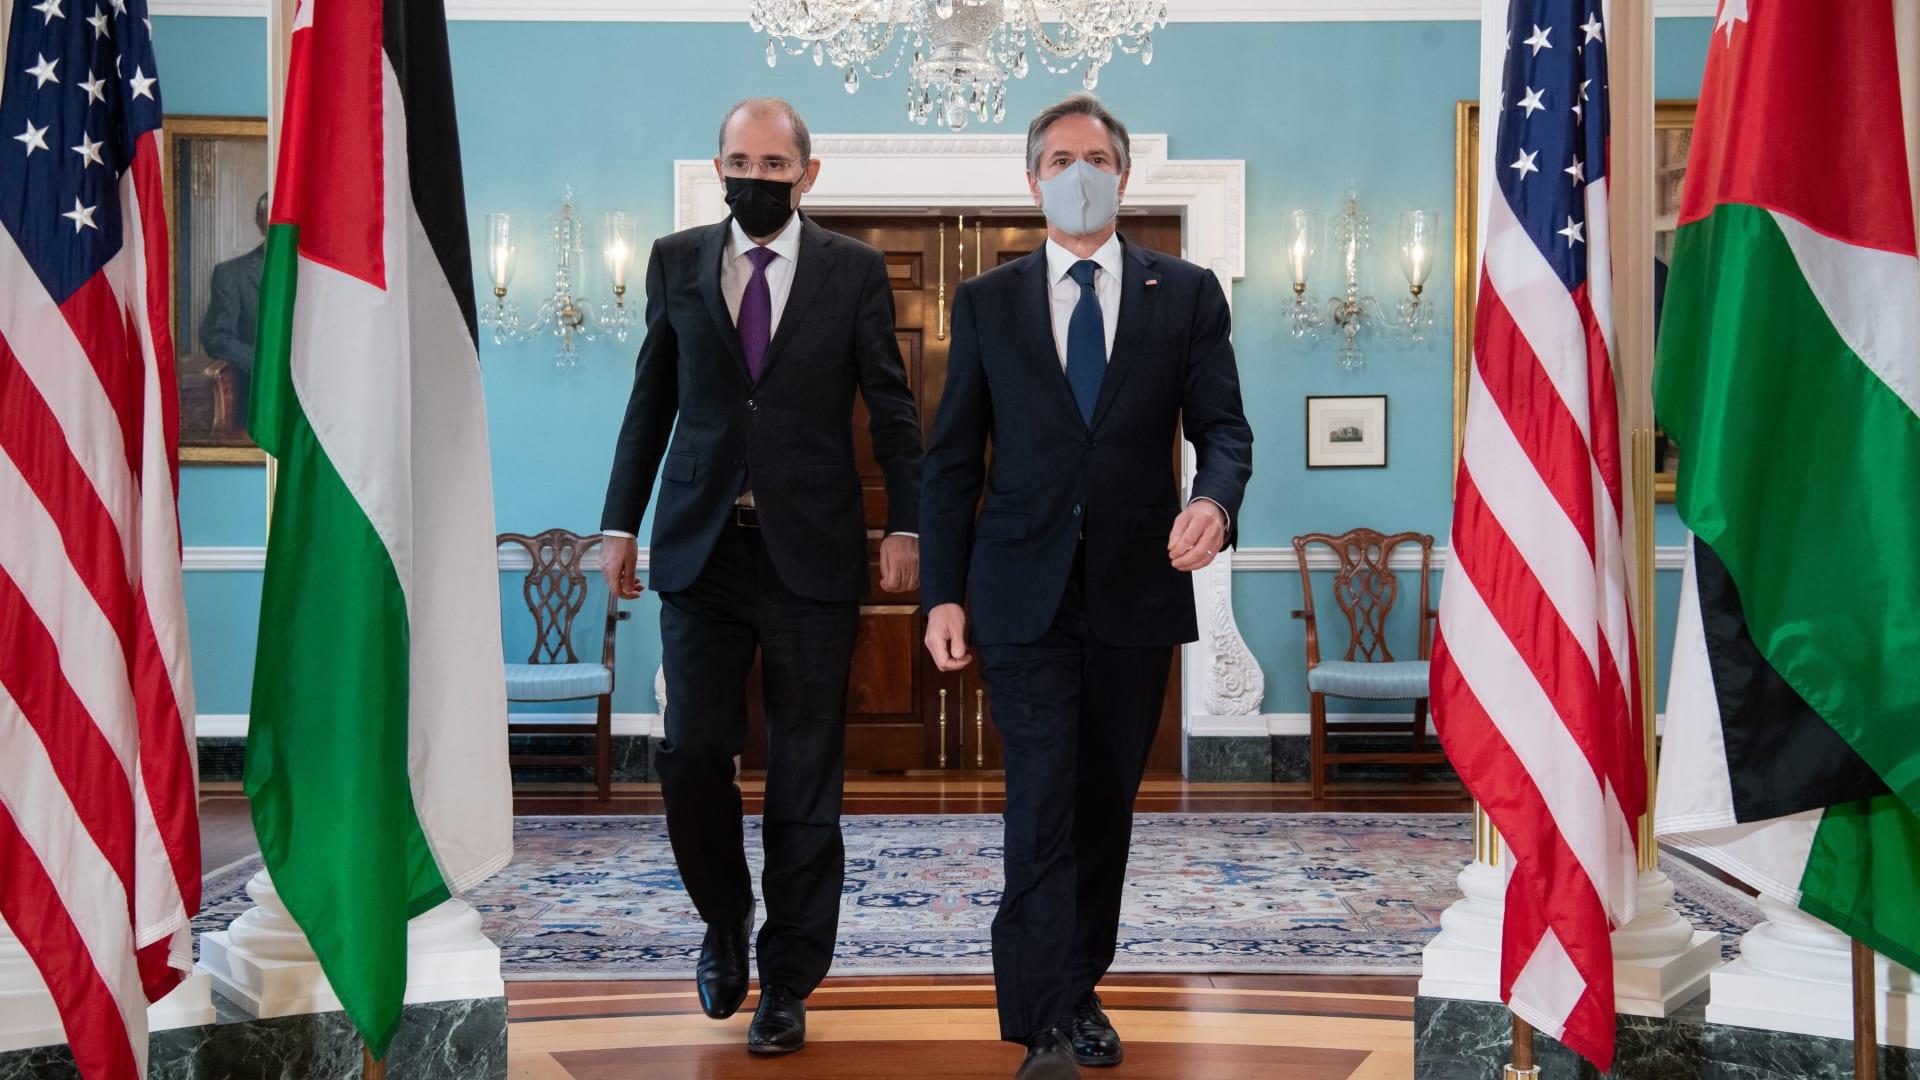 وزير الخارجية الأمريكي، انتوني بلينكن (يمين) ونظيره الأردني، أيمن الصفدي